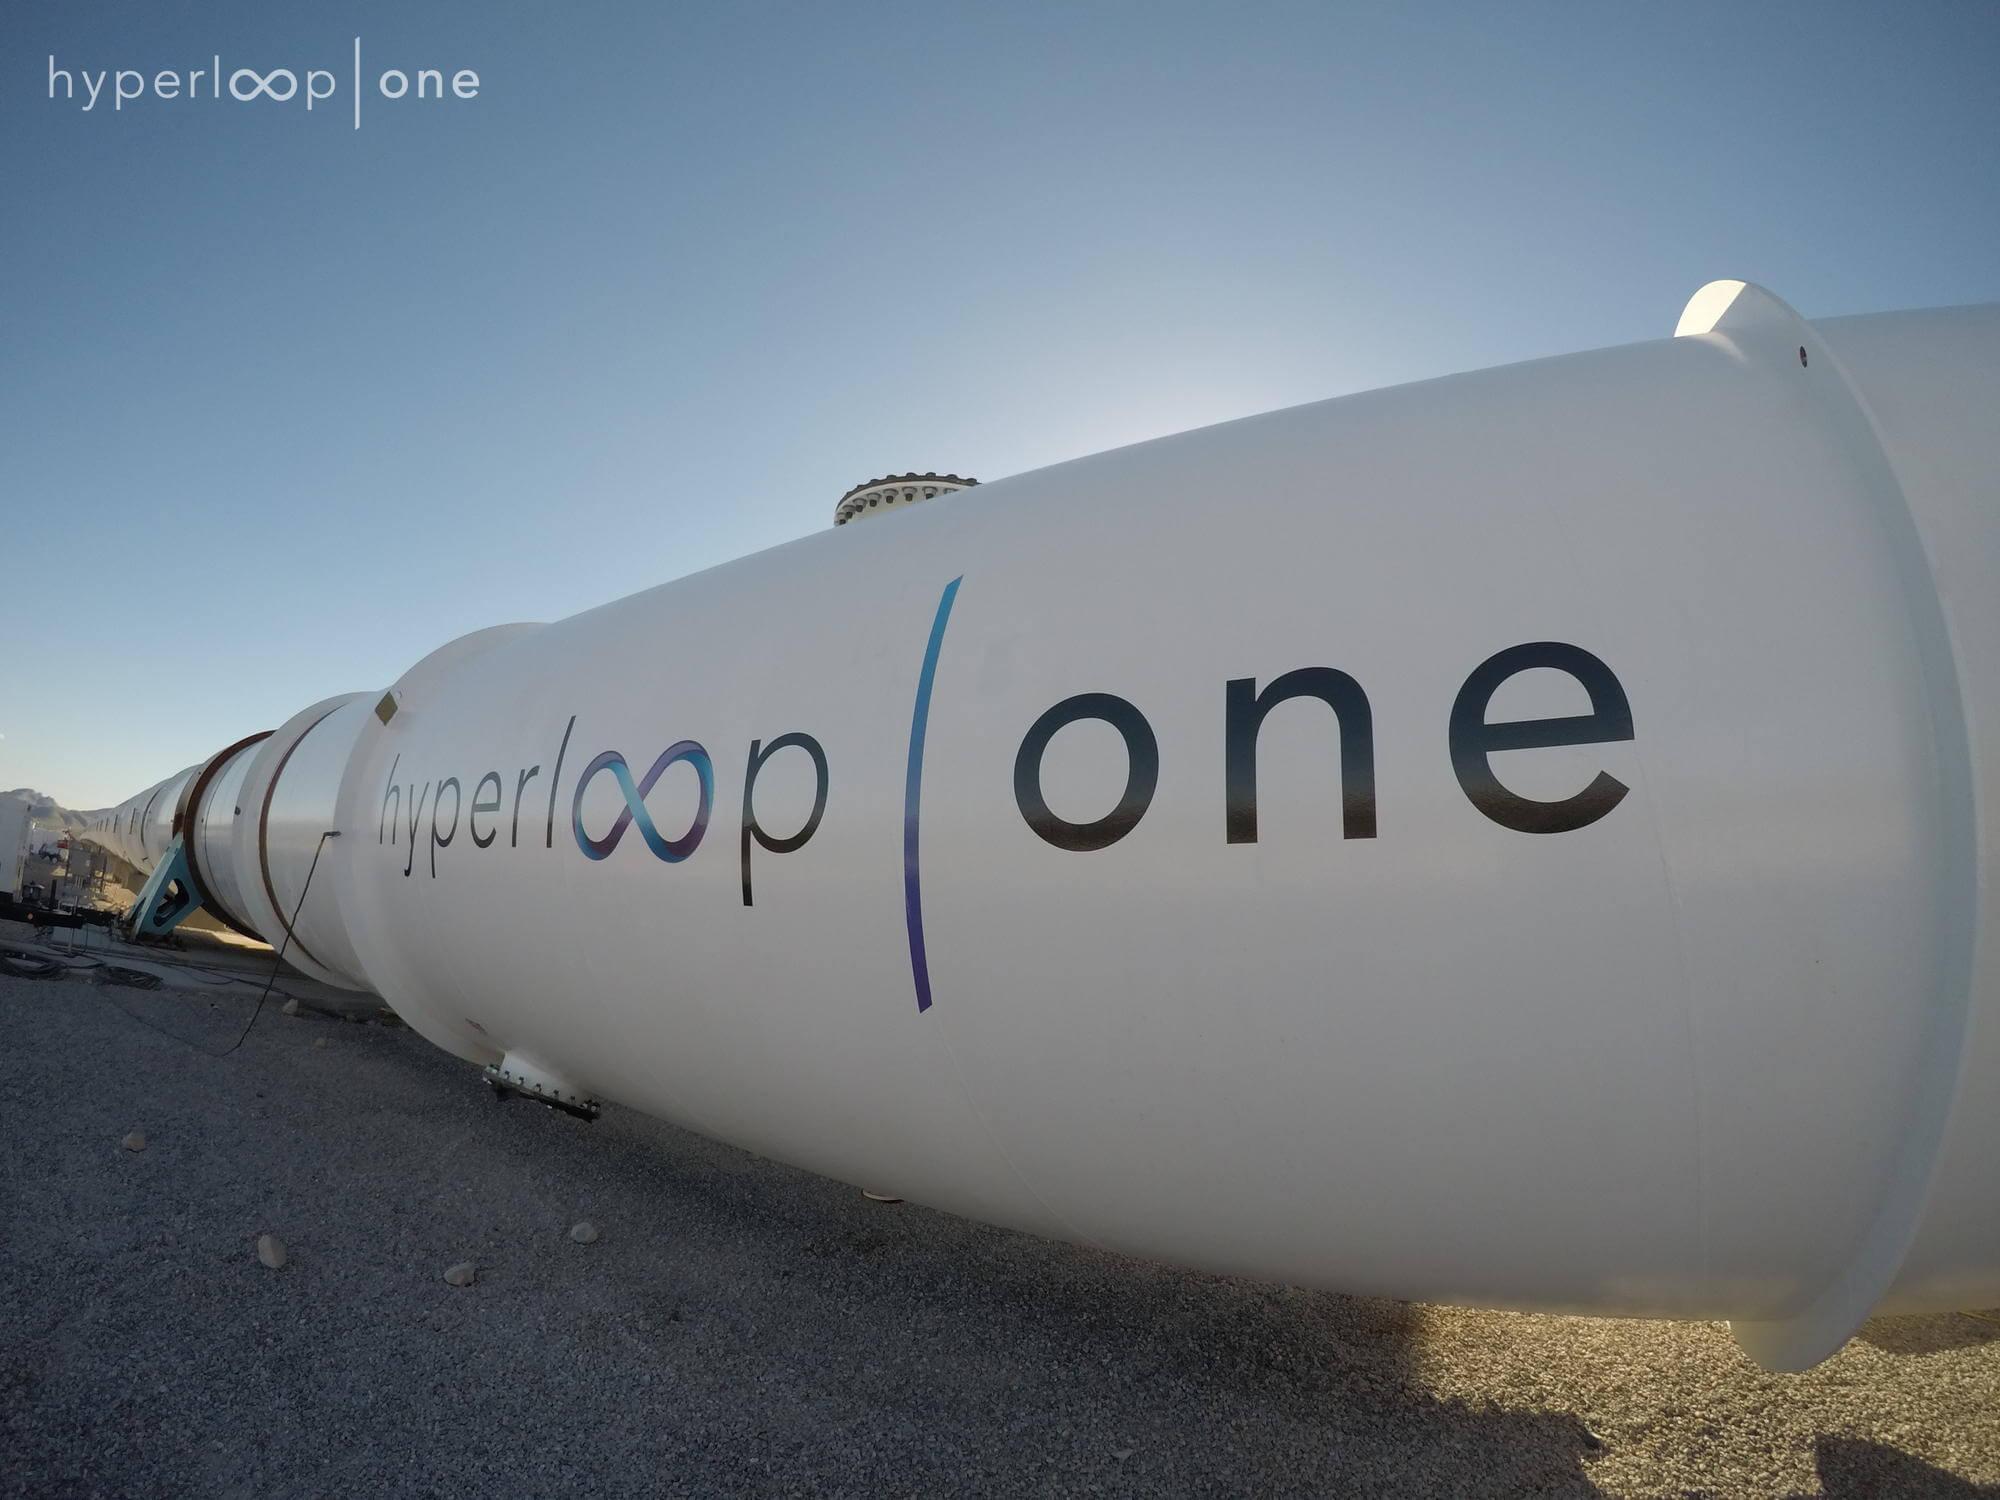 Hyperloop, test, Hyperloop one